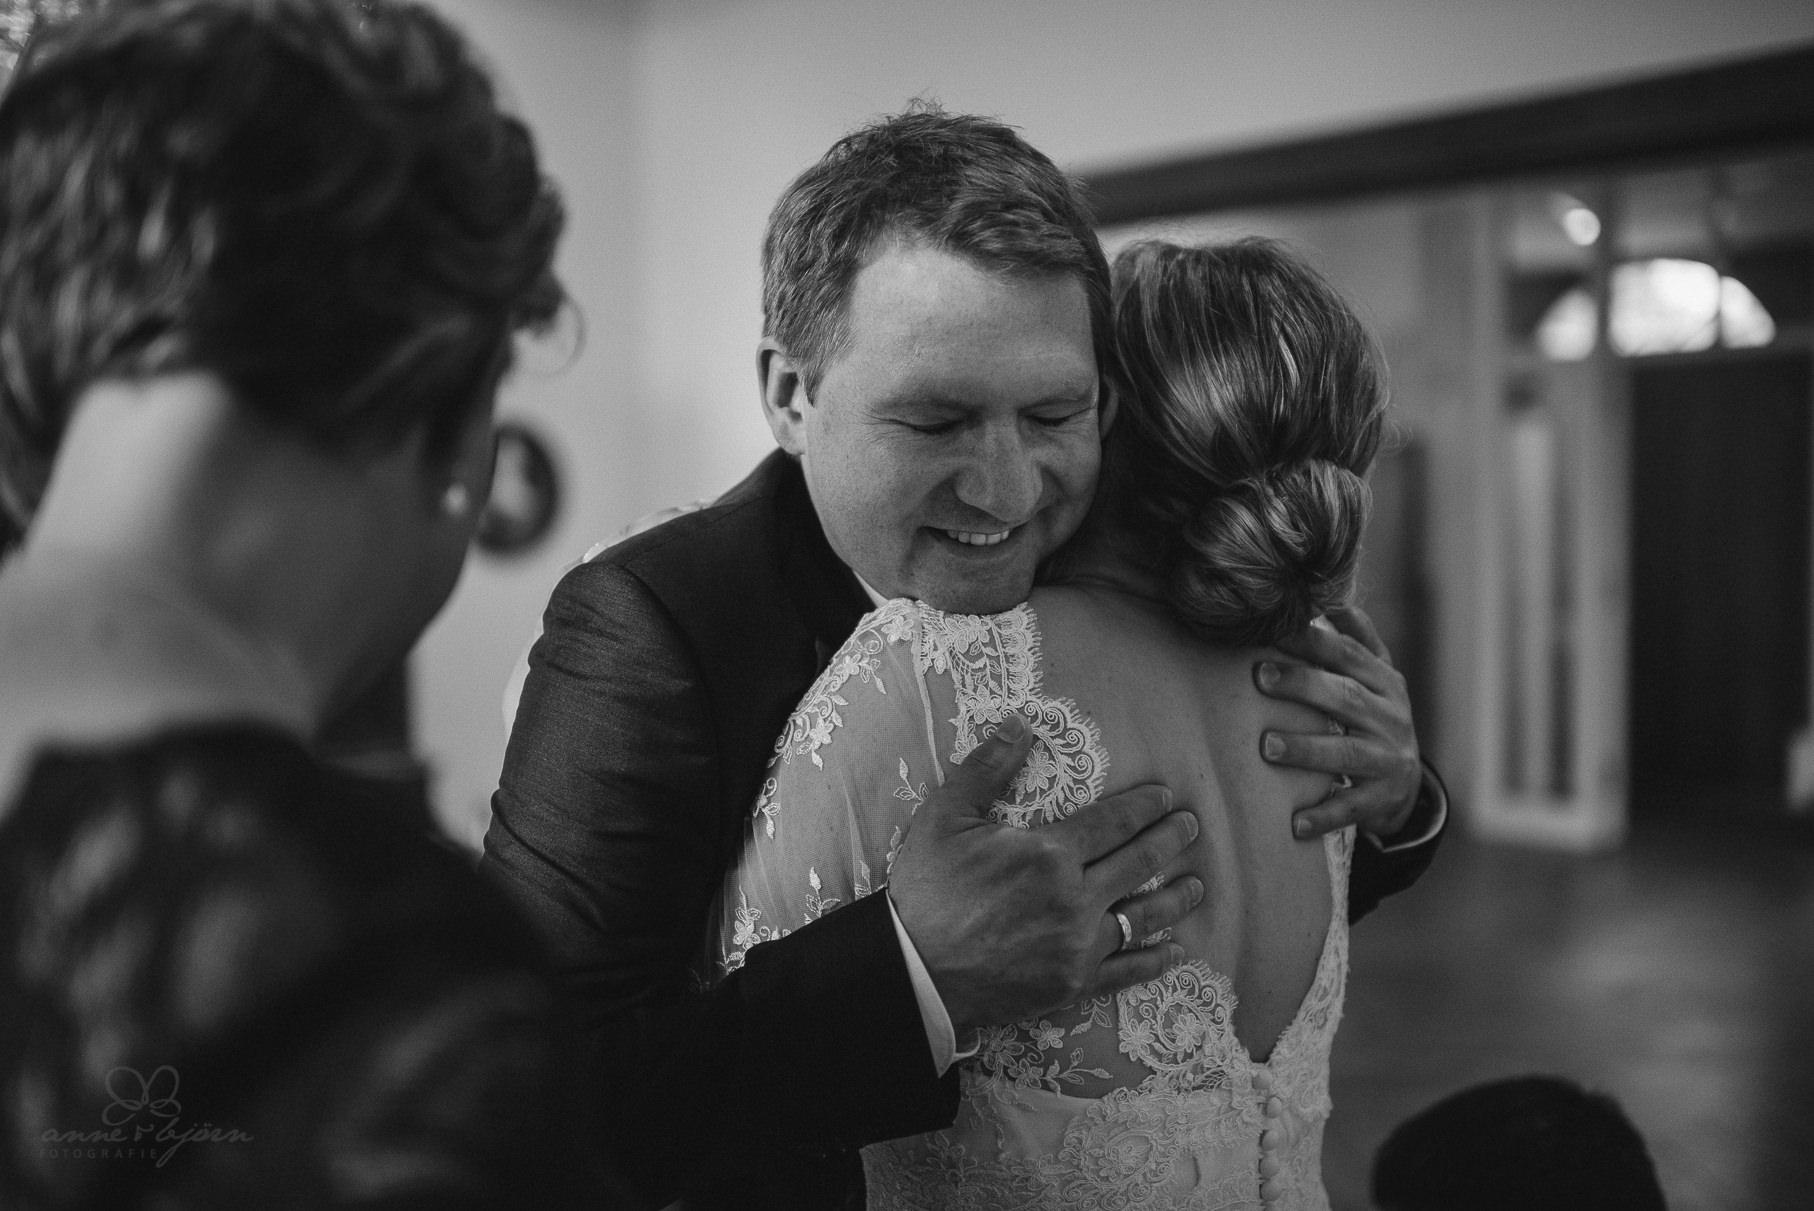 0069 anne und bjoern Manu und Sven D75 9768 1 - DIY Hochzeit im Erdhaus auf dem alten Land - Manuela & Sven